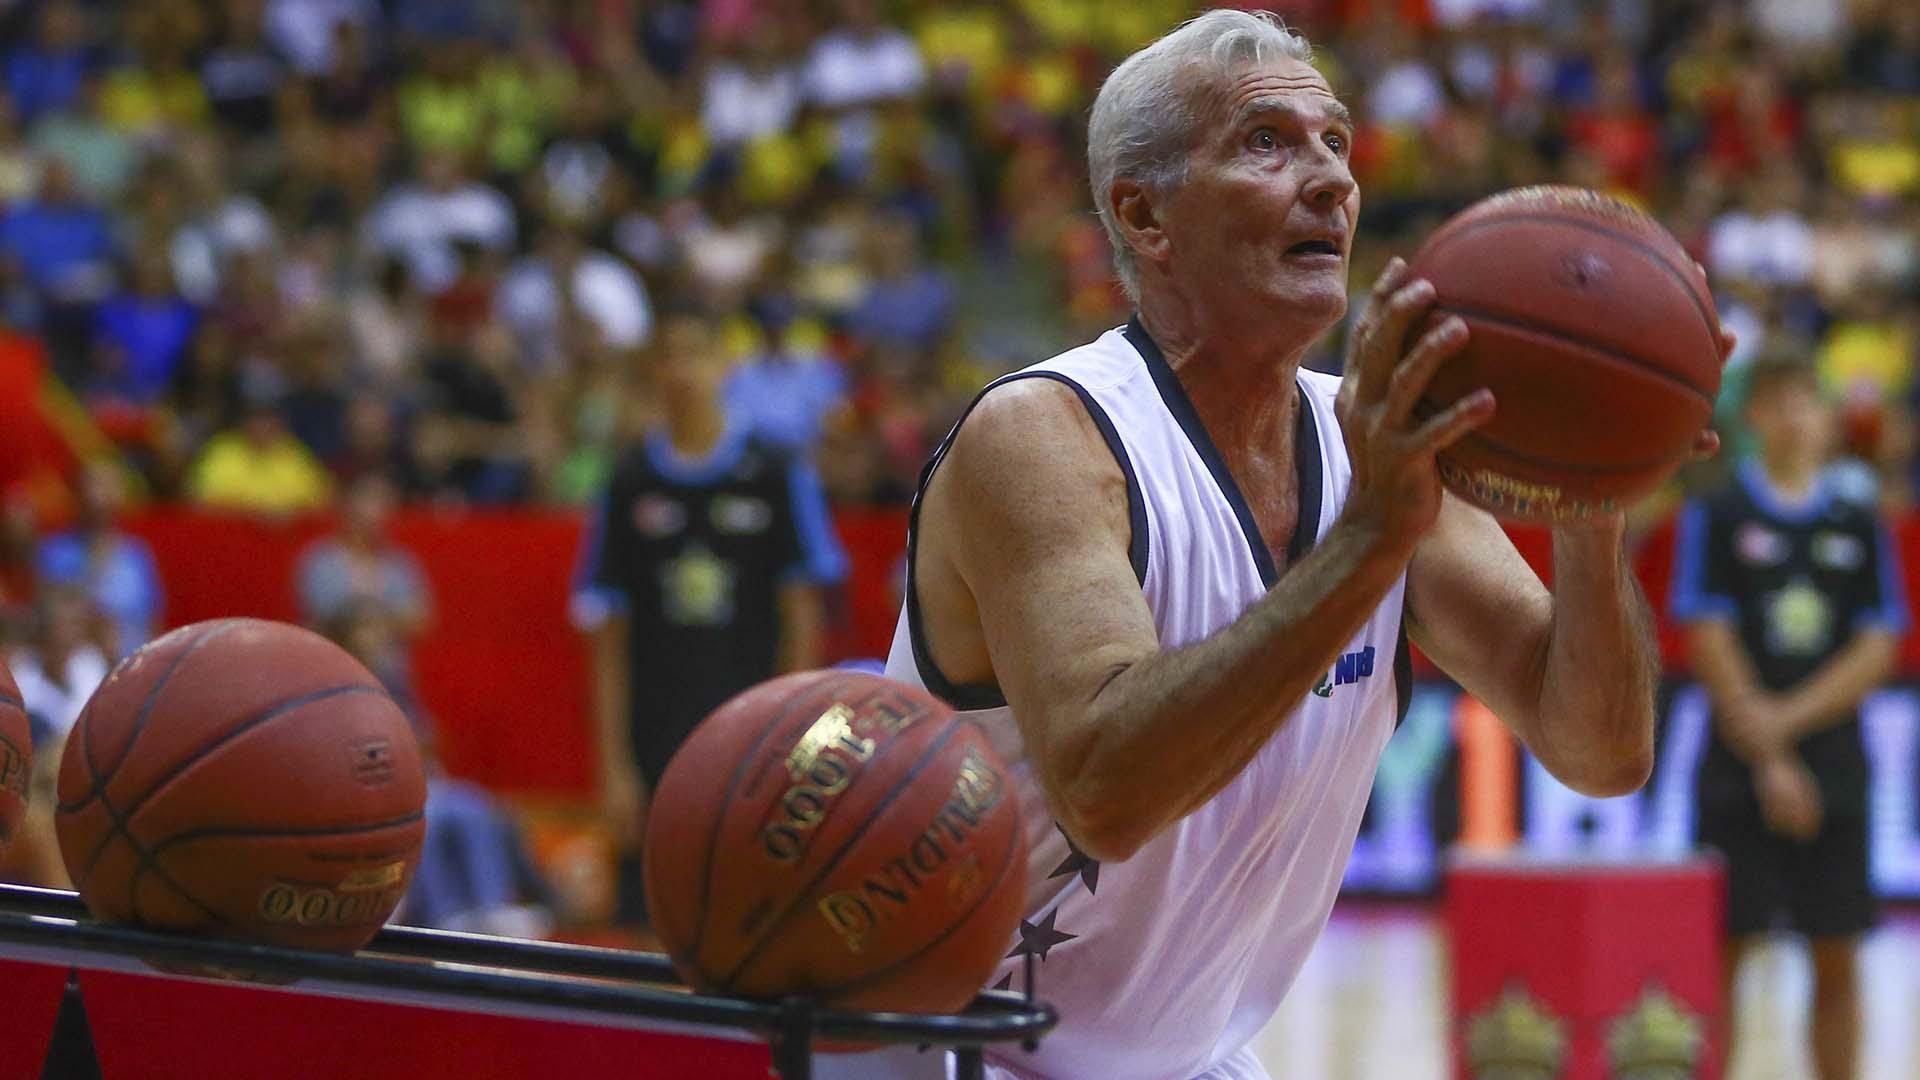 fausto basquete